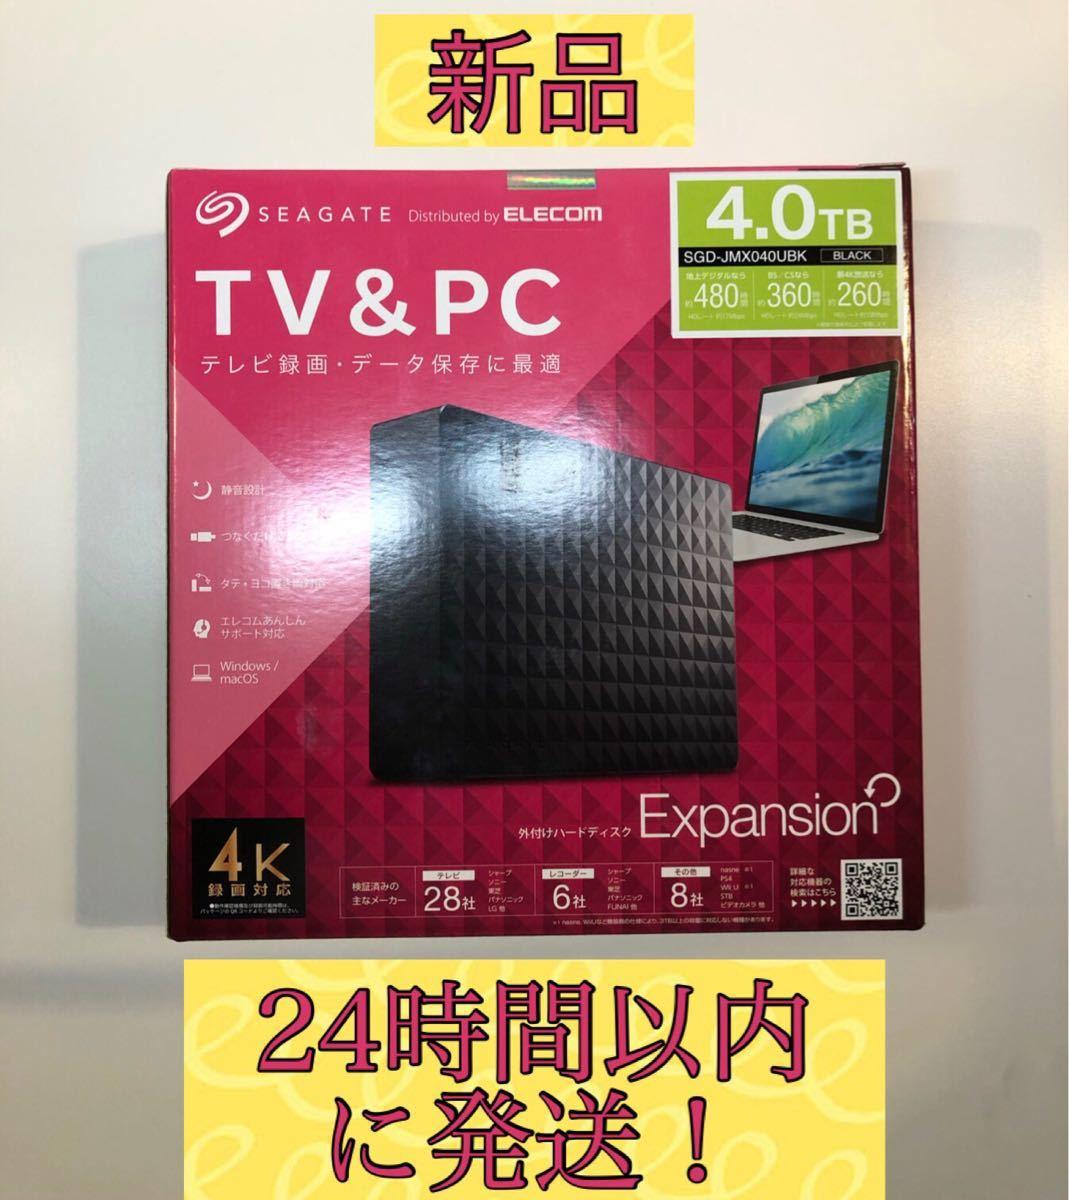 【新品】SGD-JMX040UBK 外付けハードディスク 4.0TB